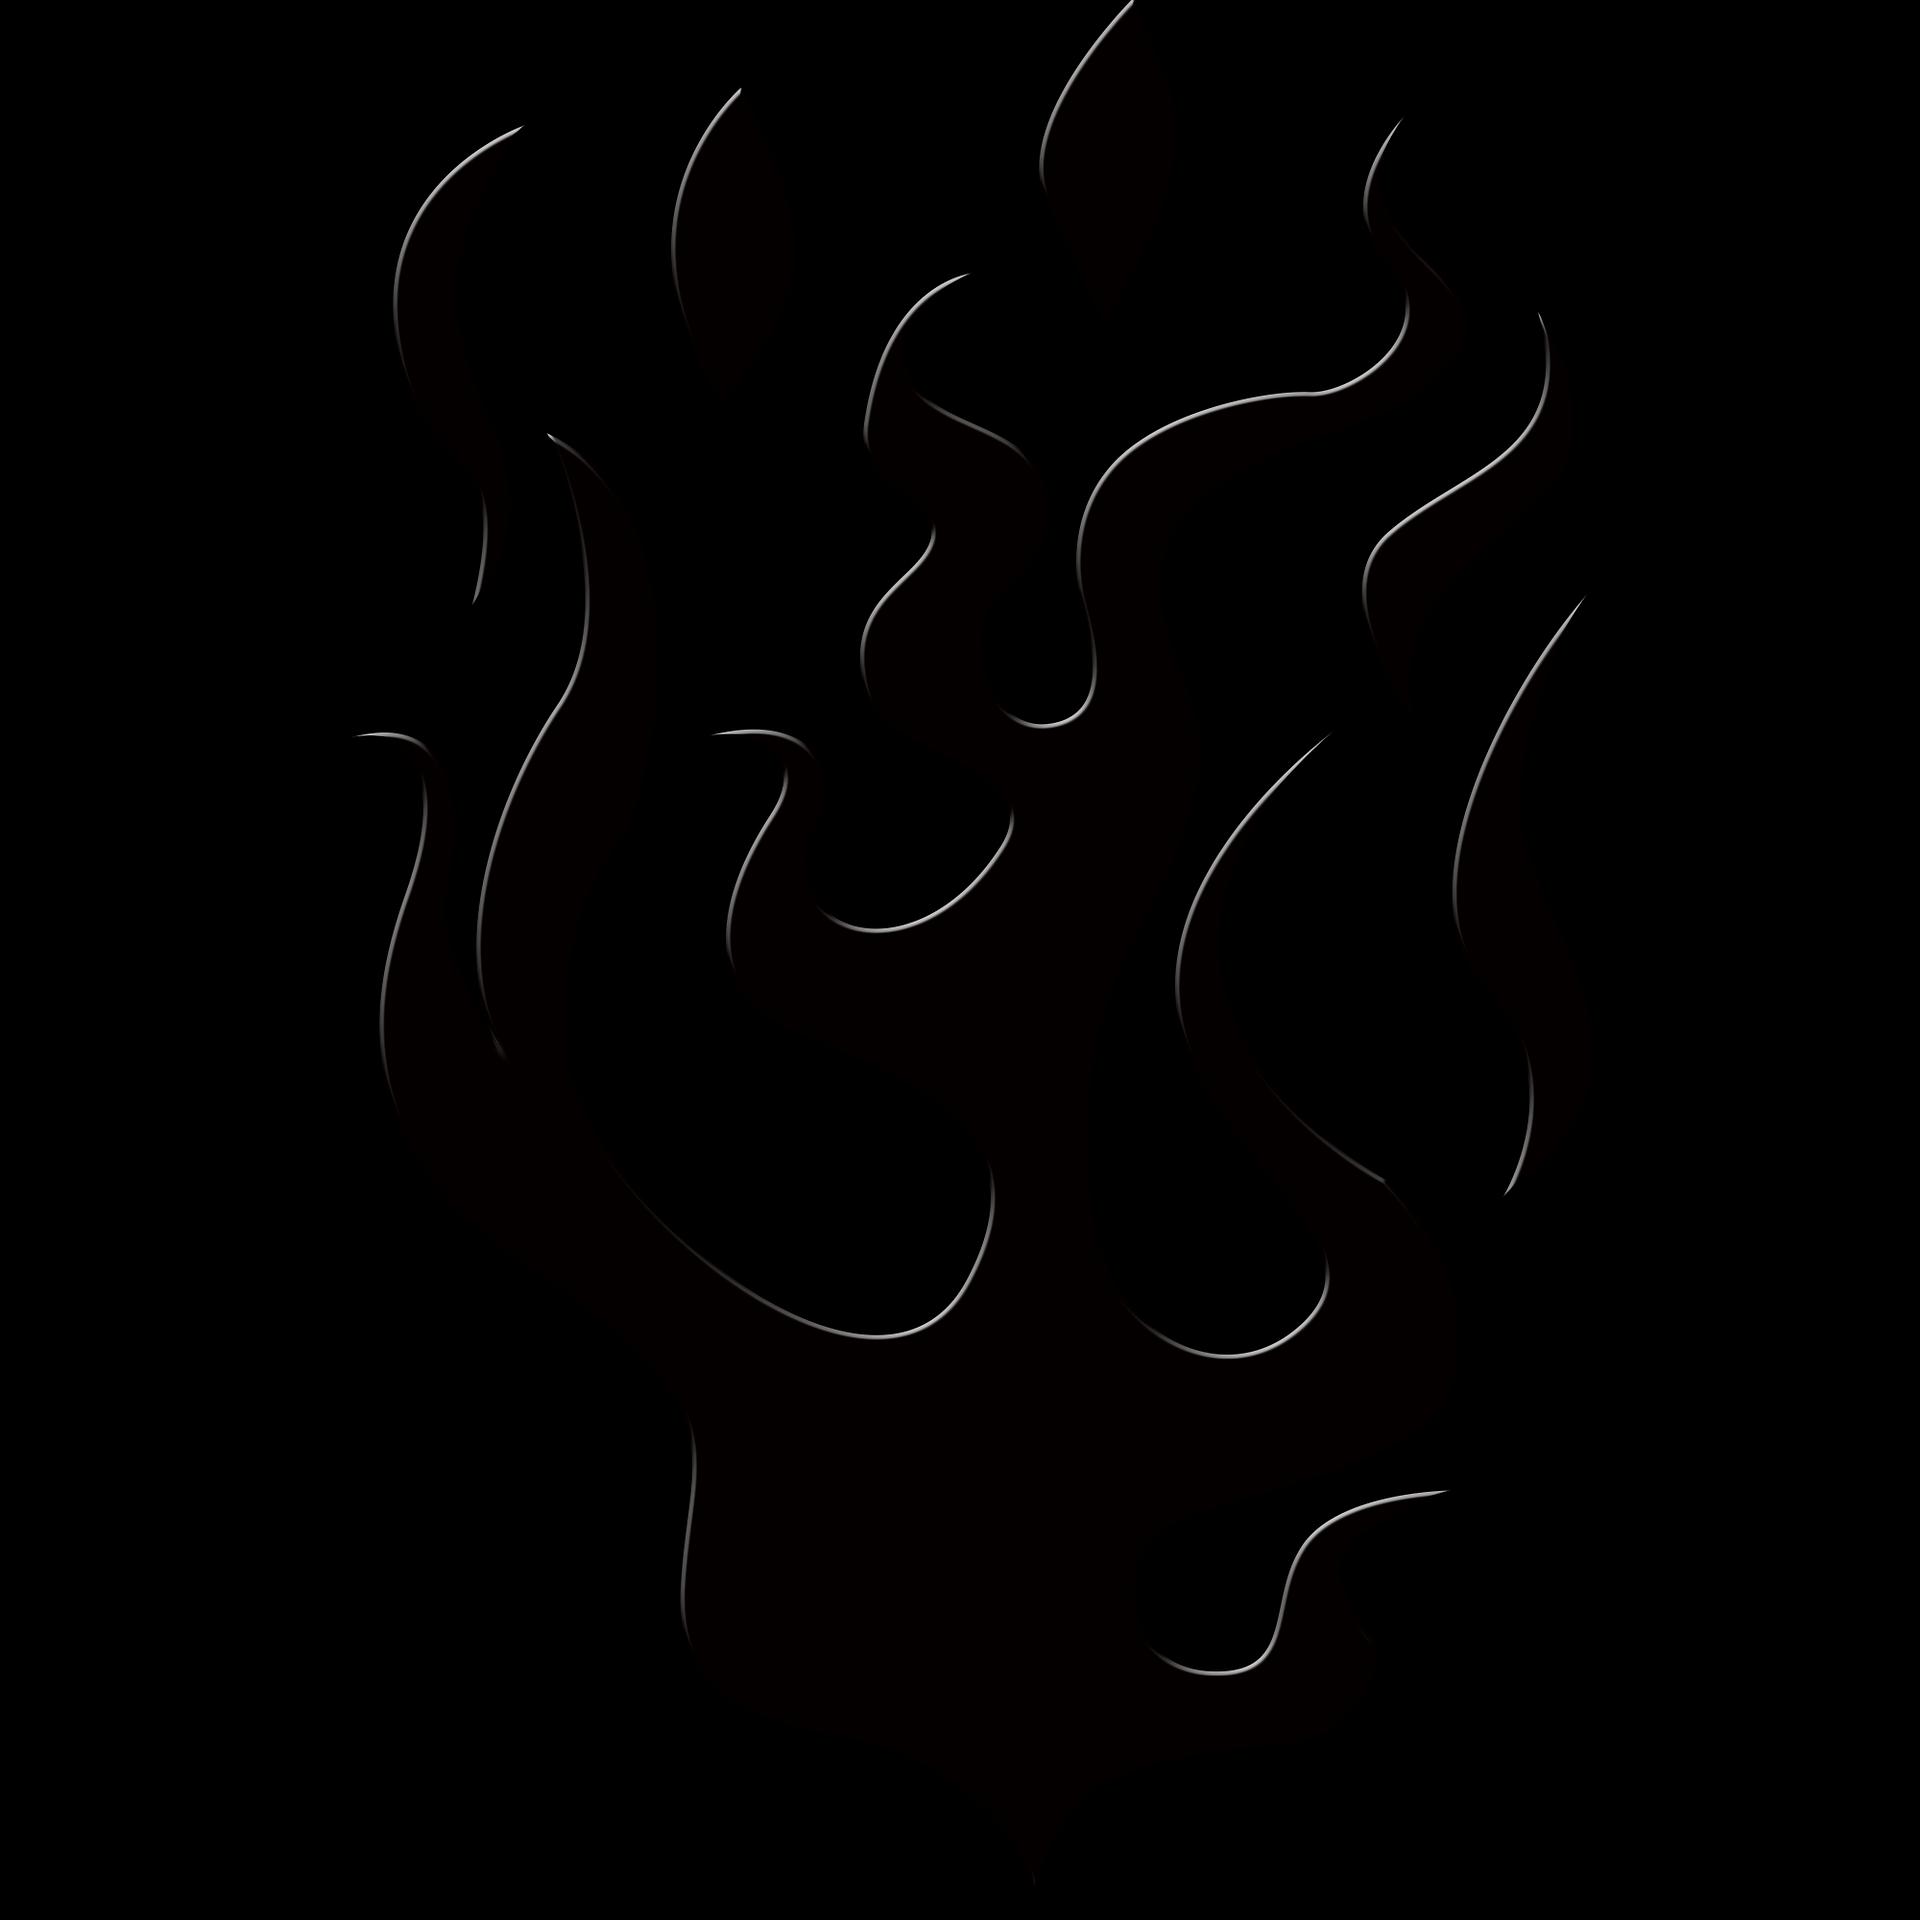 Fire & Arson